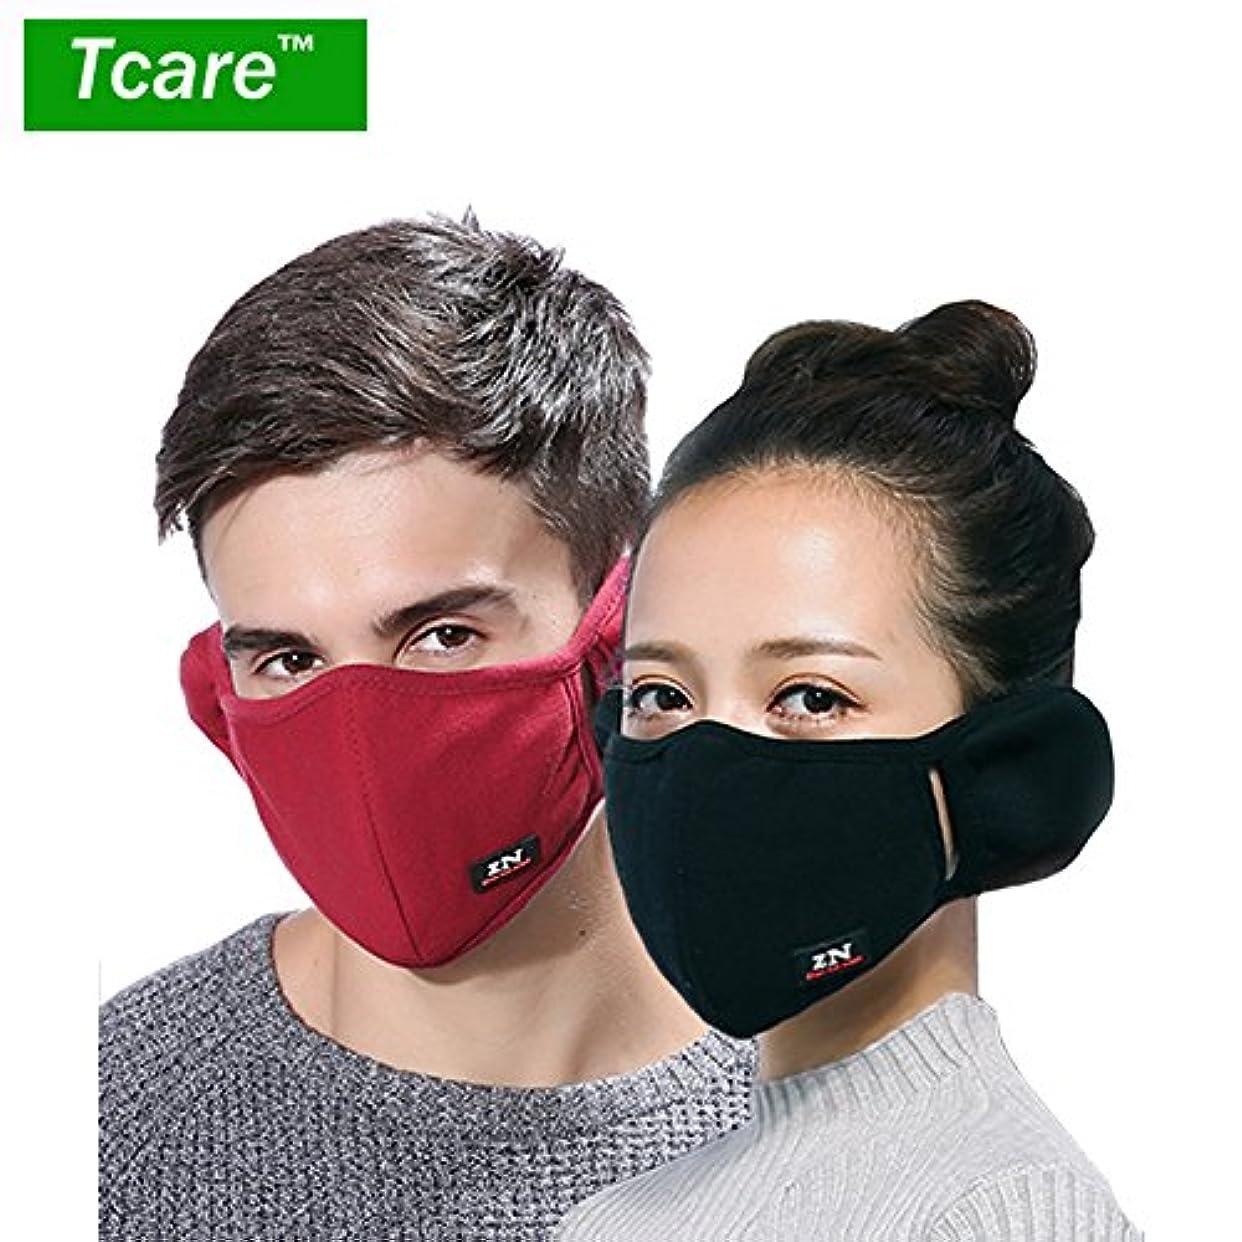 匿名経済年齢男性女性の少年少女のためのTcare呼吸器2レイヤピュアコットン保護フィルター挿入口:2ダークグリーン